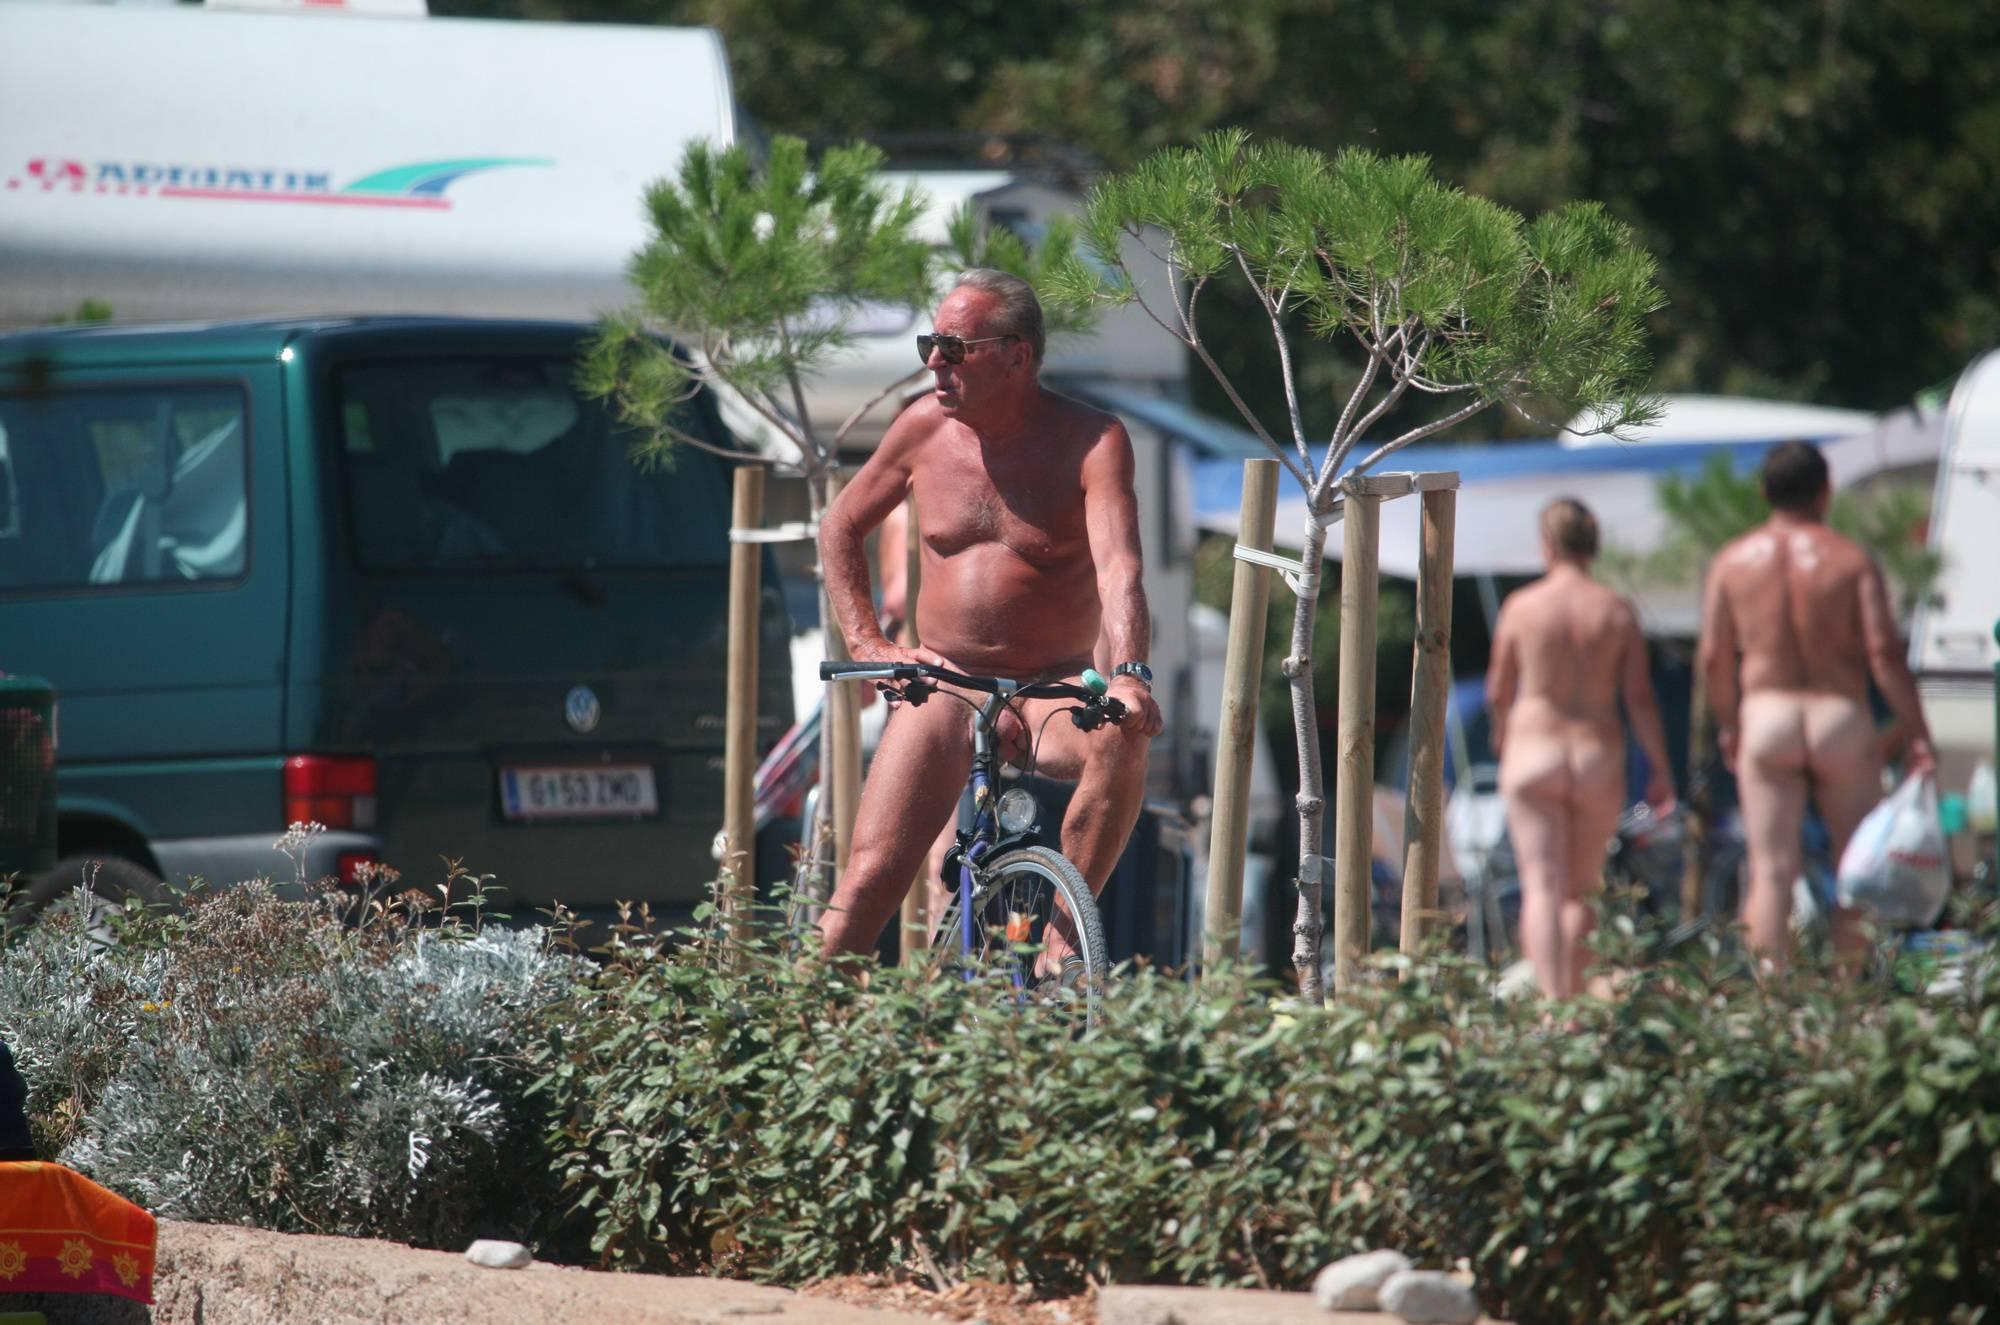 Crete FKK Camping Tour - 1